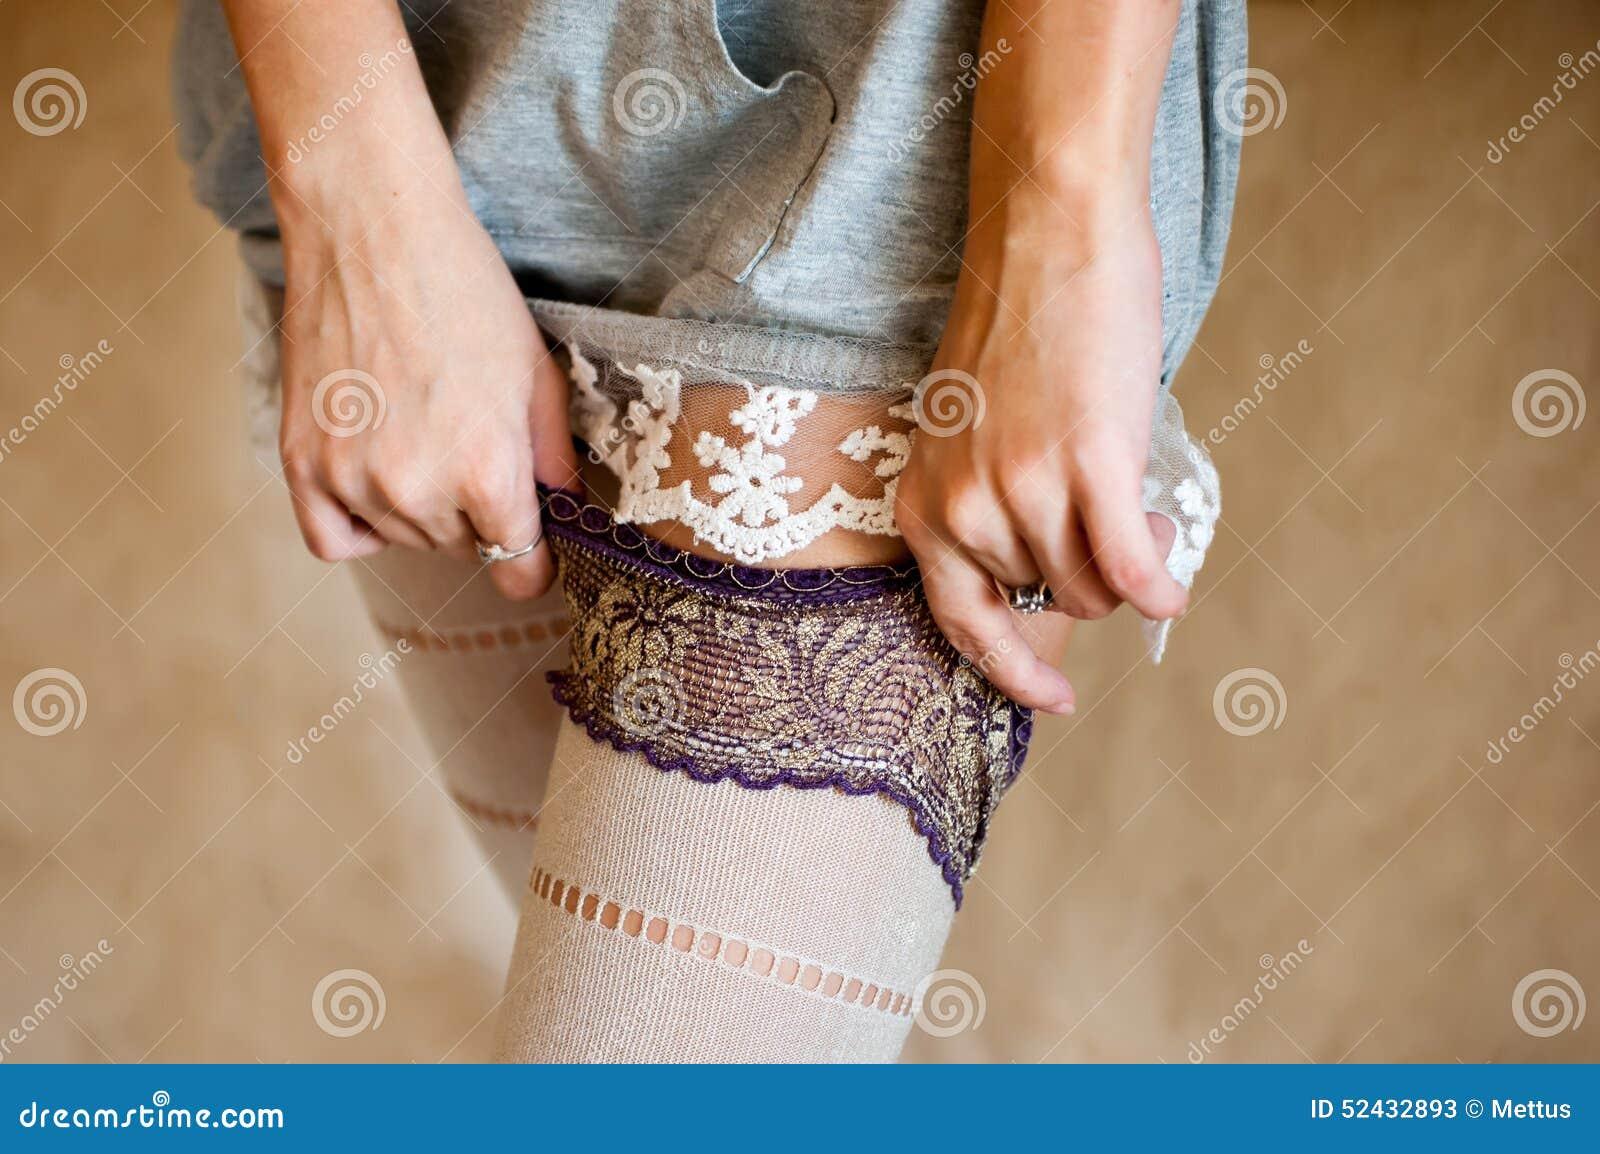 Одевает чулки, но трусов предусмотрительно не одевает